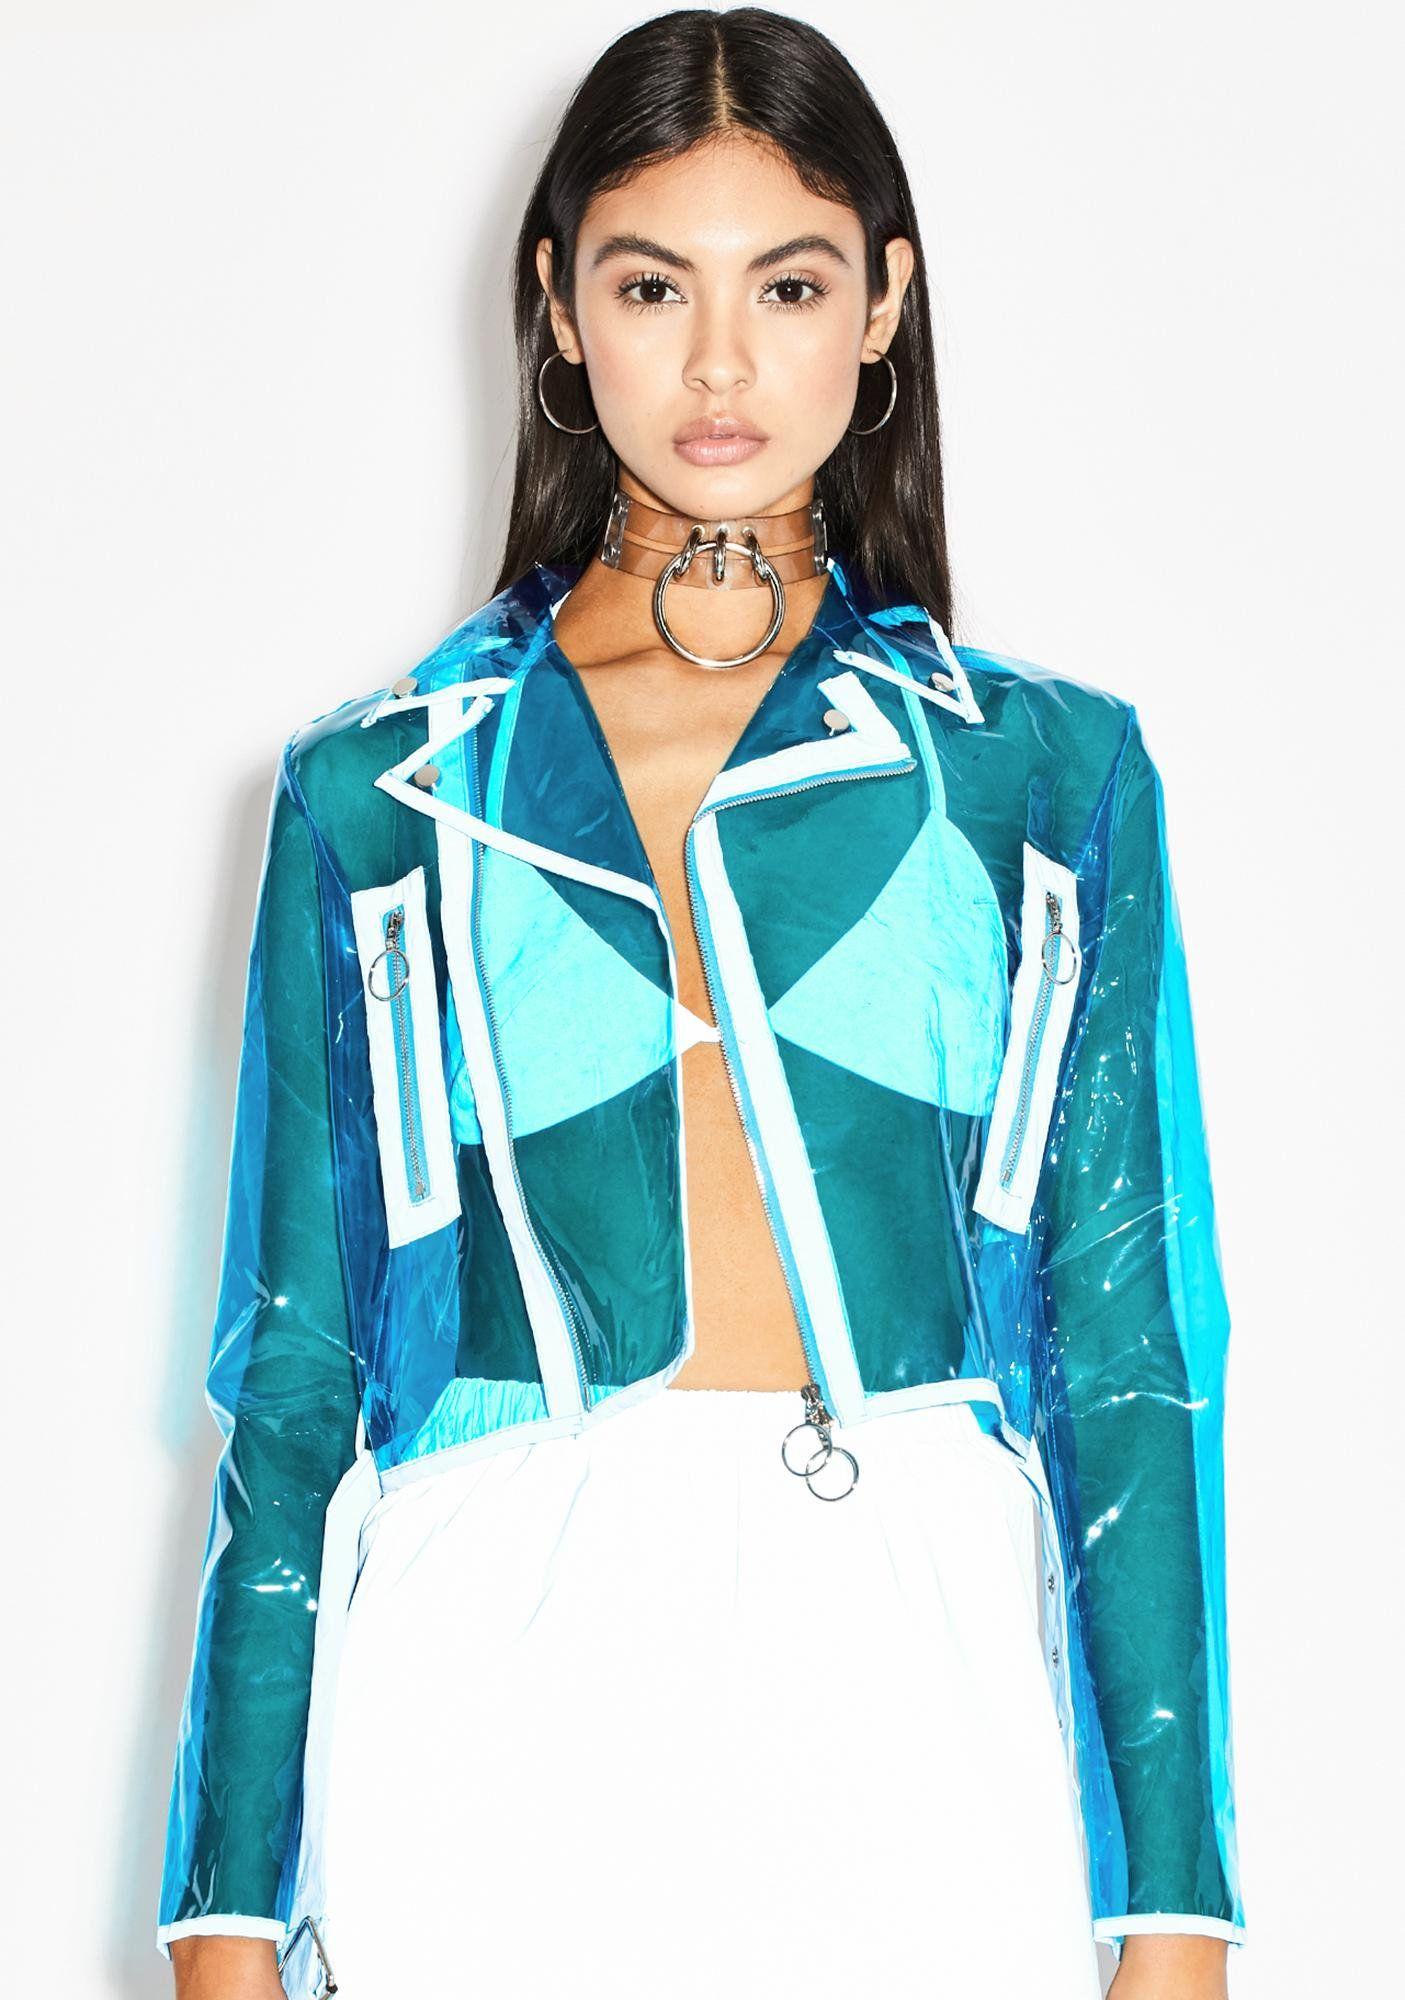 Vinyl Moto Jacket Clear Buckle Blue Dolls Kill Vinyl Clothing Moto Jacket Jackets